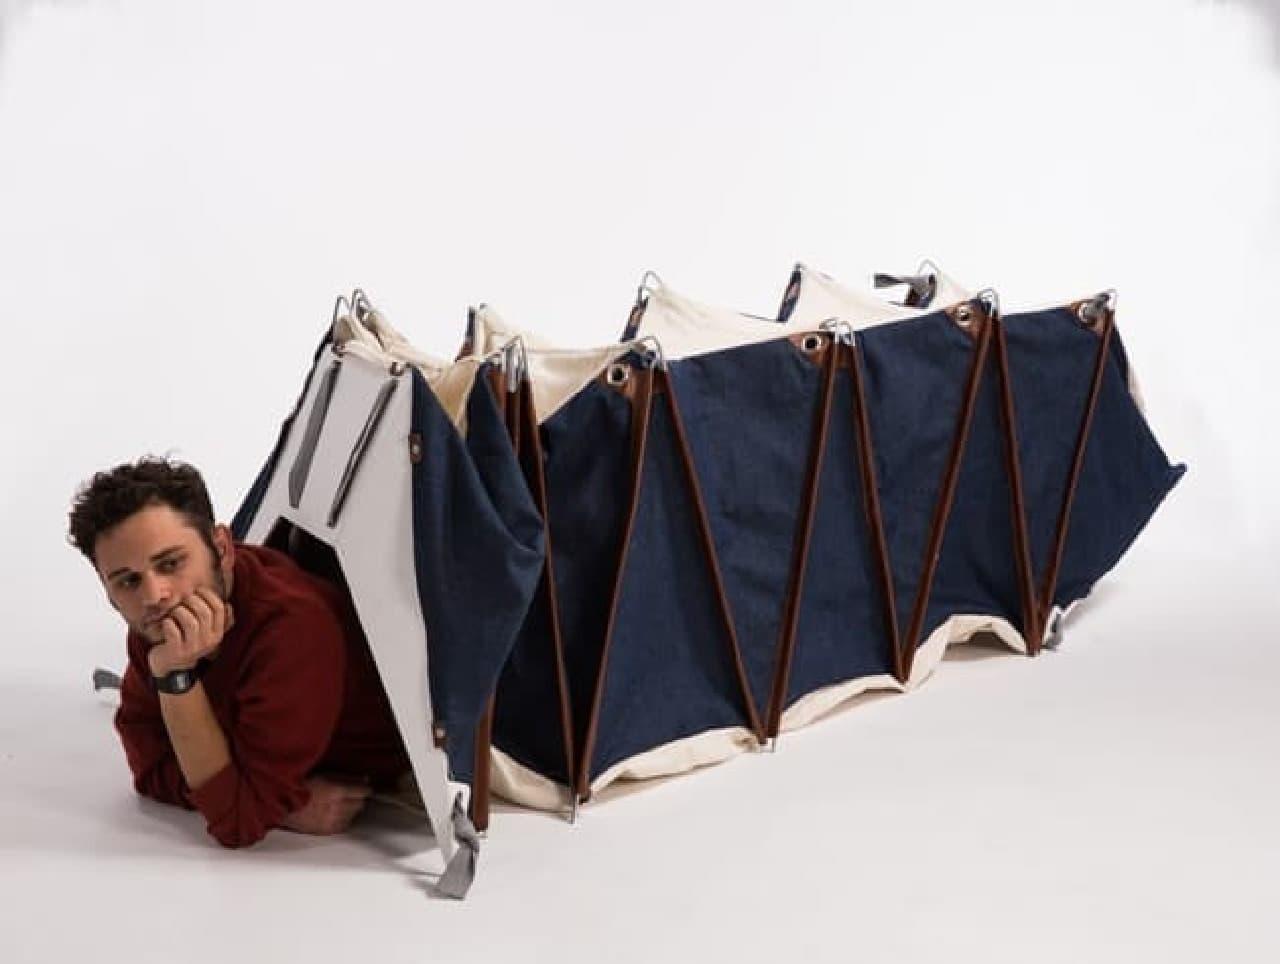 バックパックになるテント「melina」